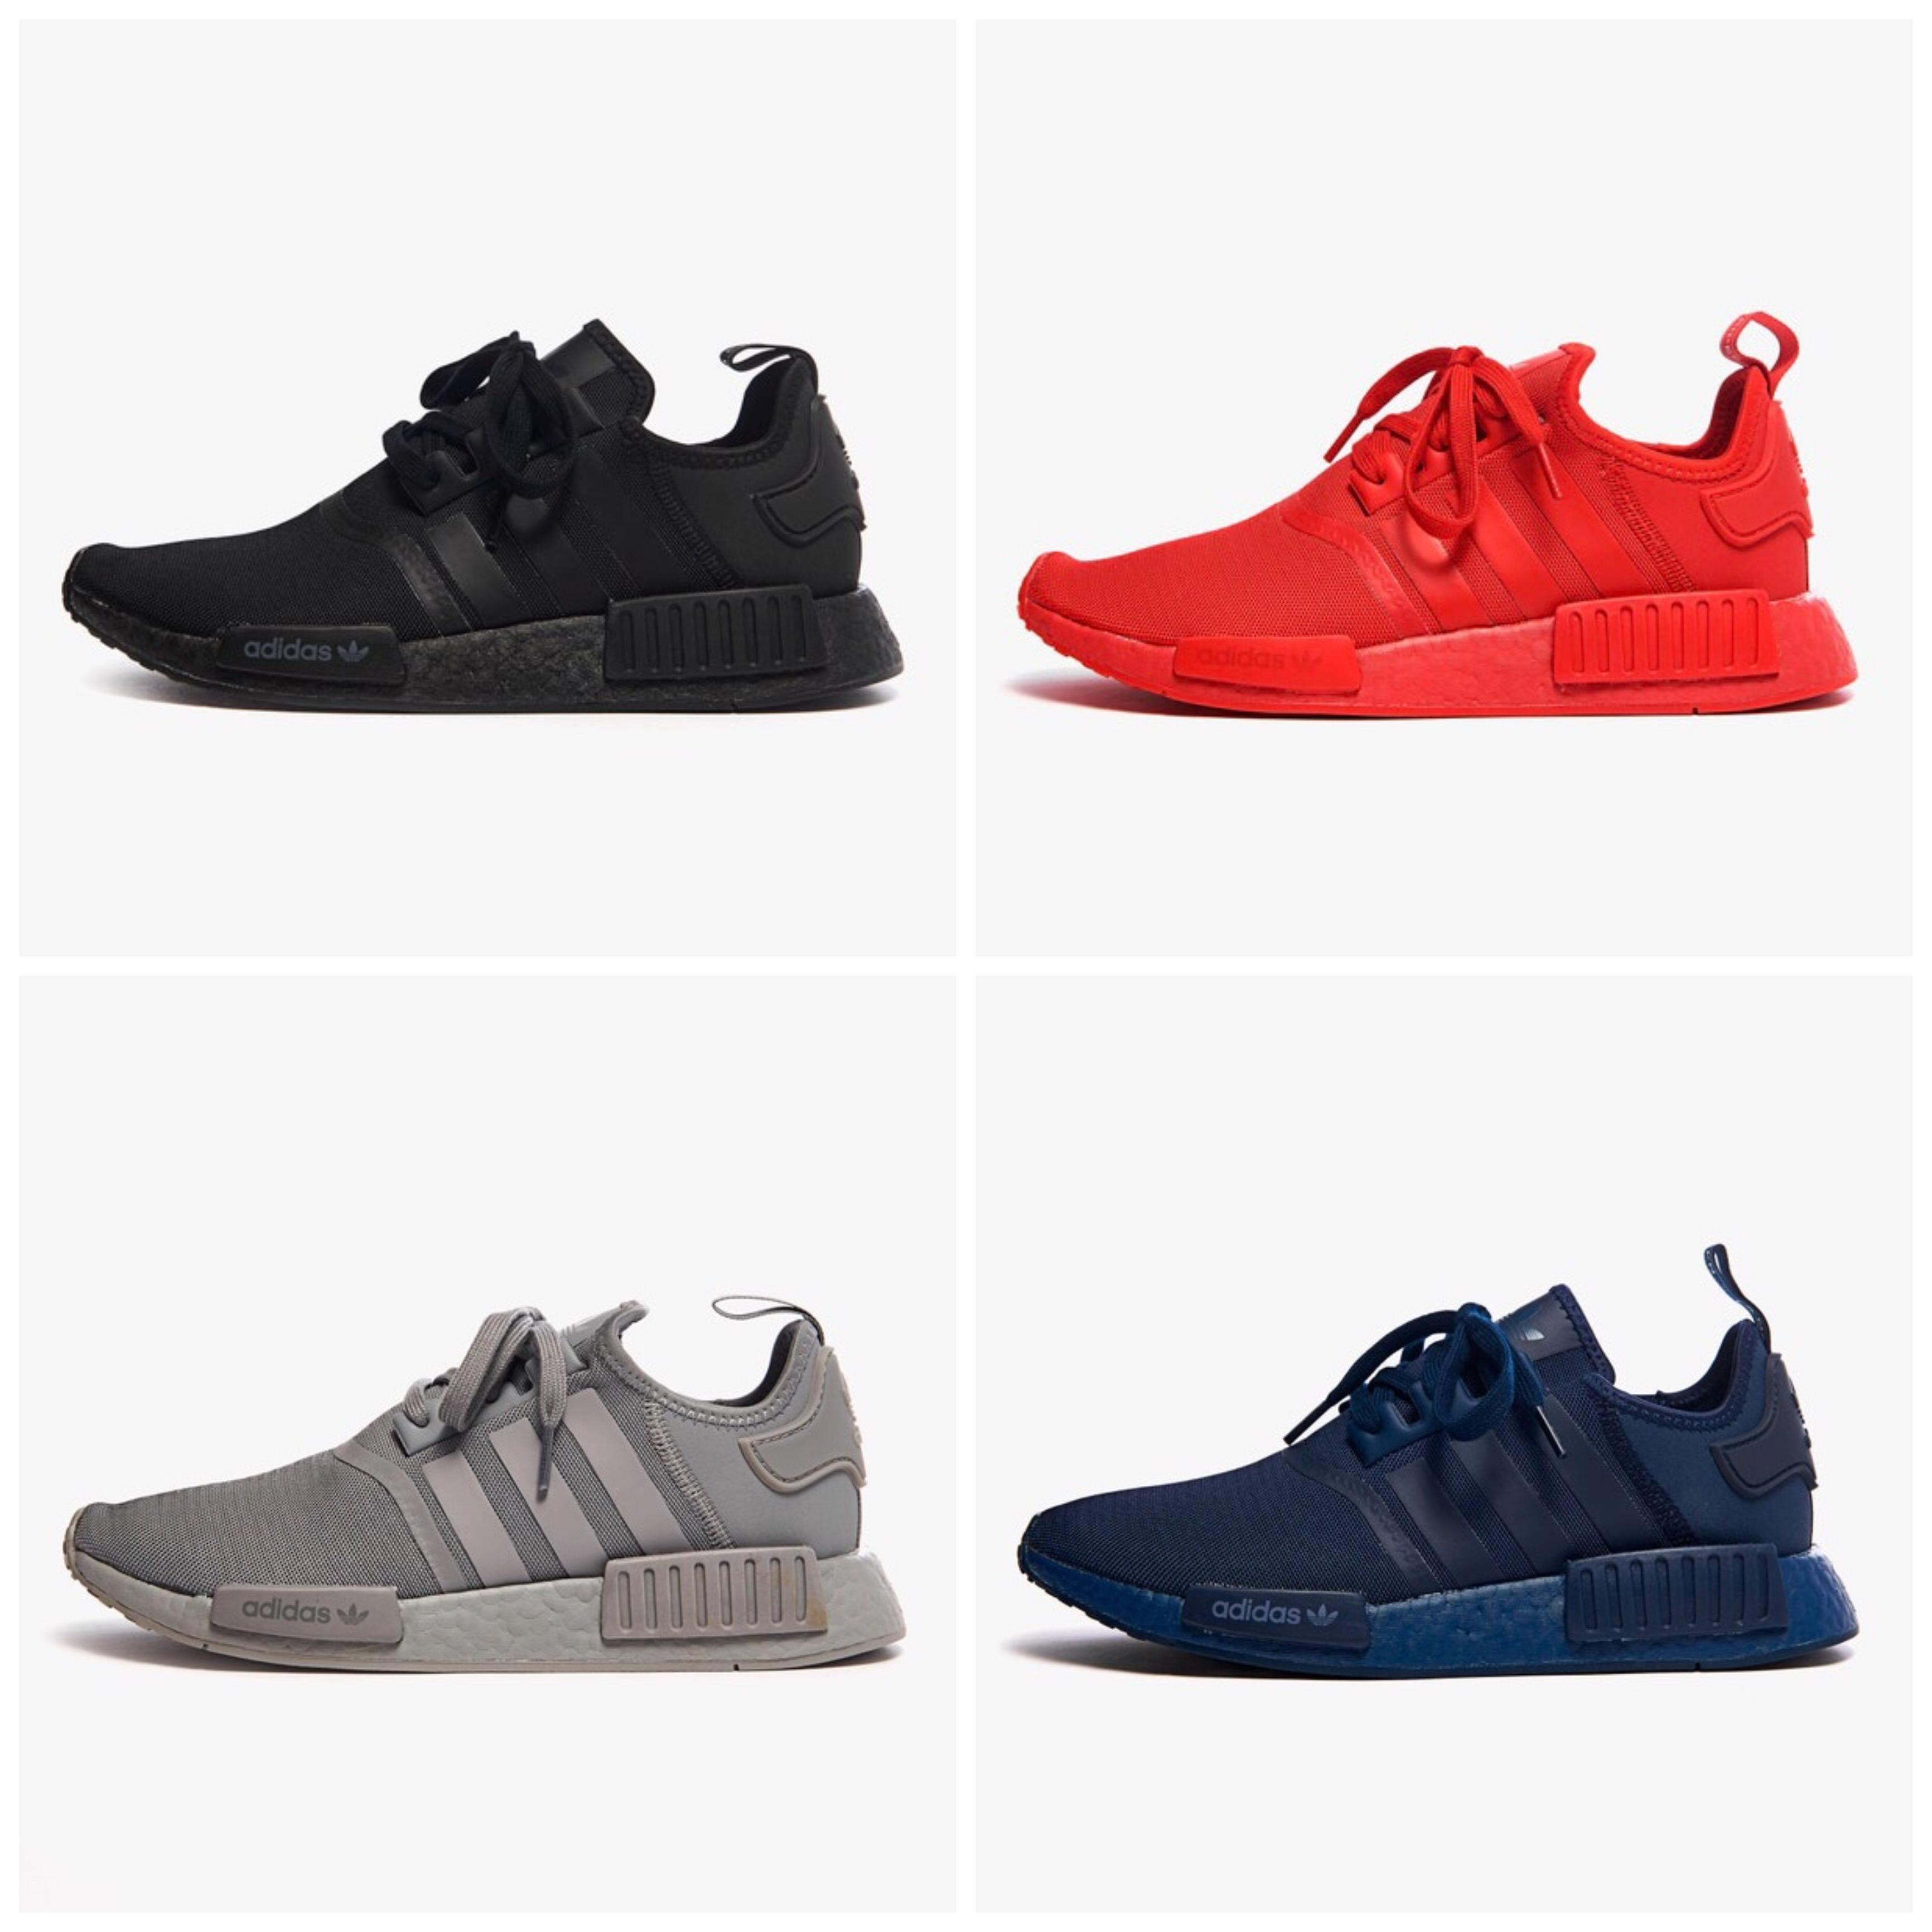 Adidas NMD R1 | 60€ | -60!% descuento | Cuatro colores (Varias Tallas)